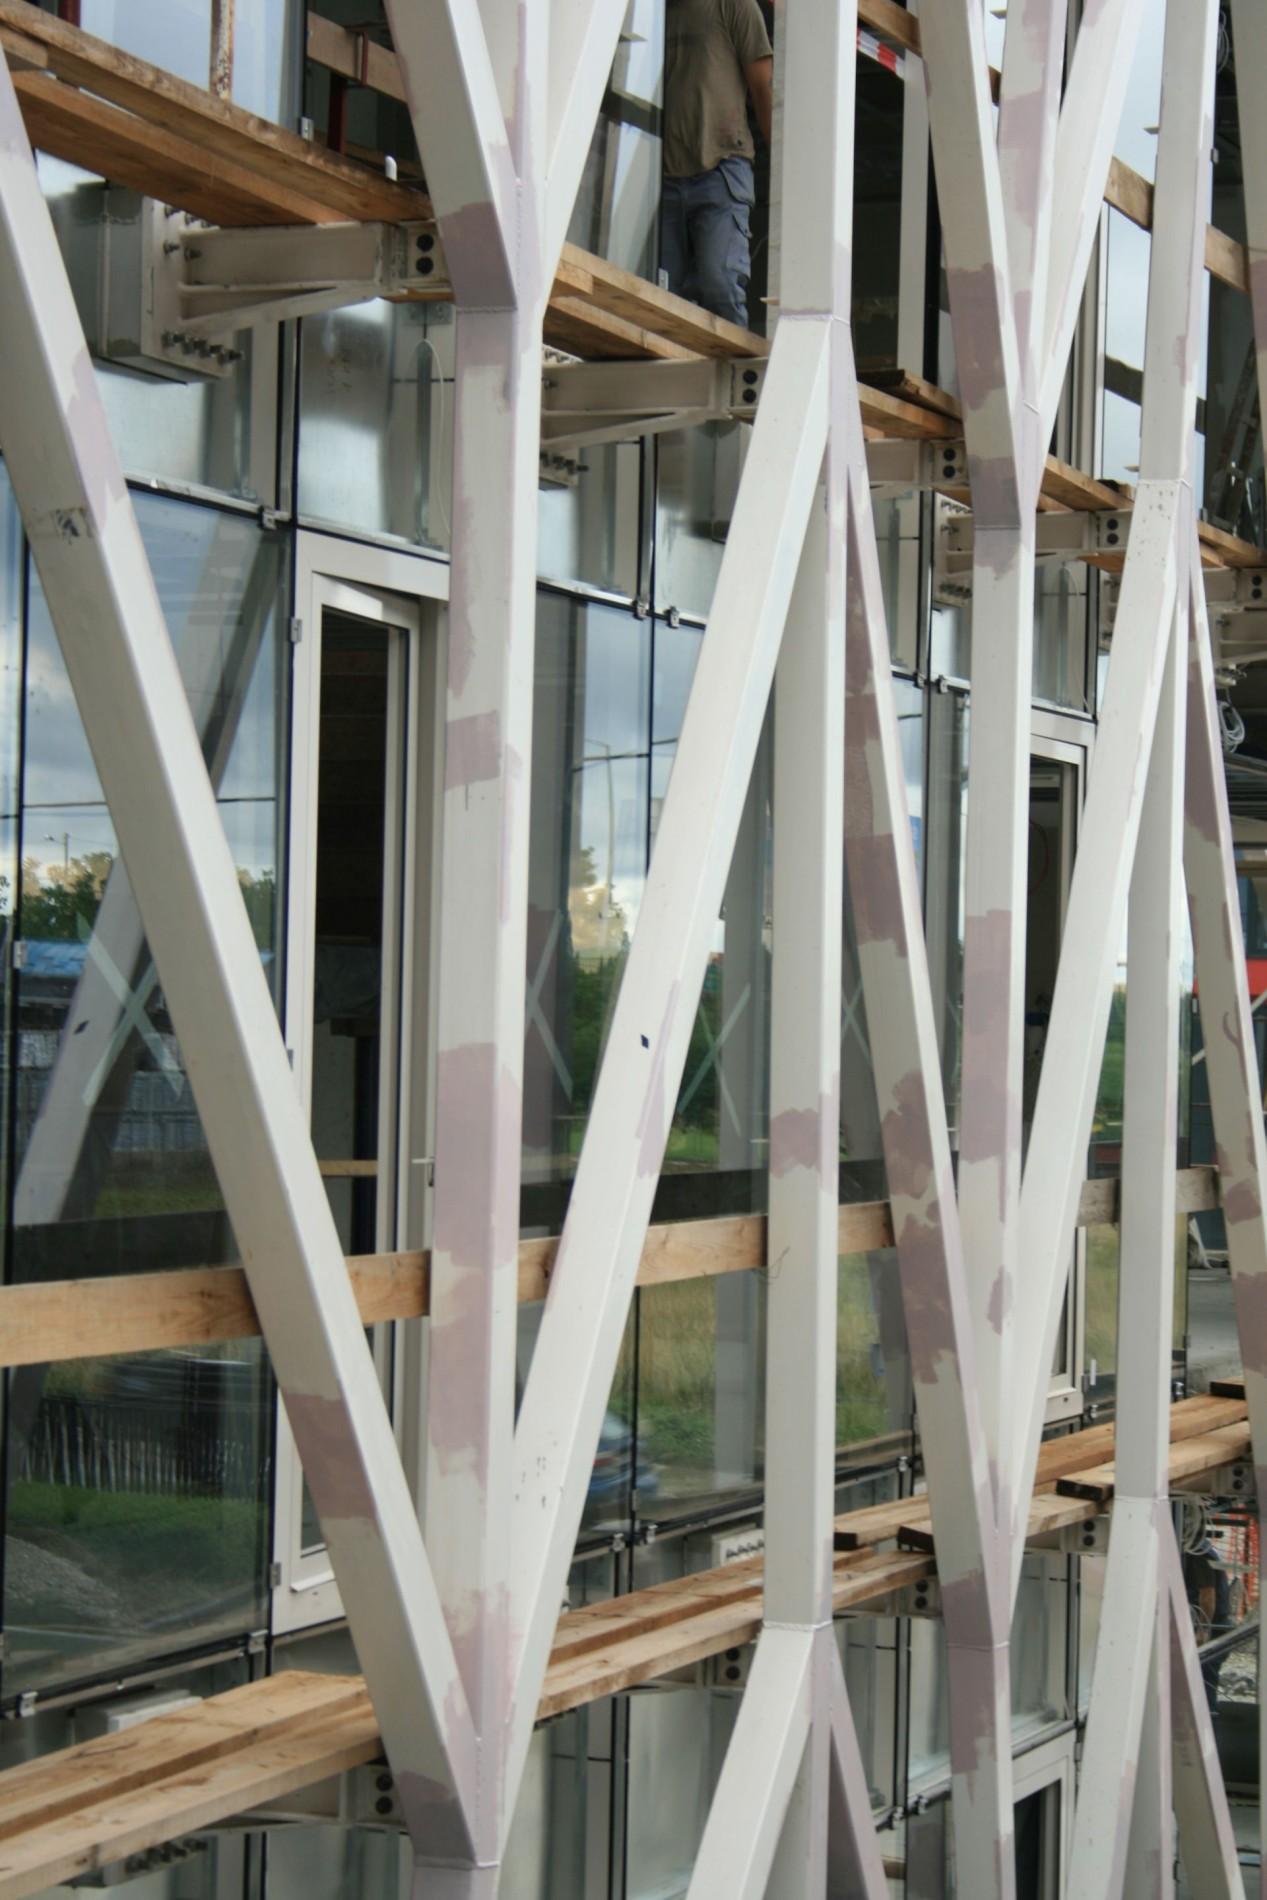 stipić, stipic, upi-2m, čelik, lučko, zagreb, hrvatska, croatia, steel, ,architecture, stipić, novi stipić, stipić d.o.o., structure